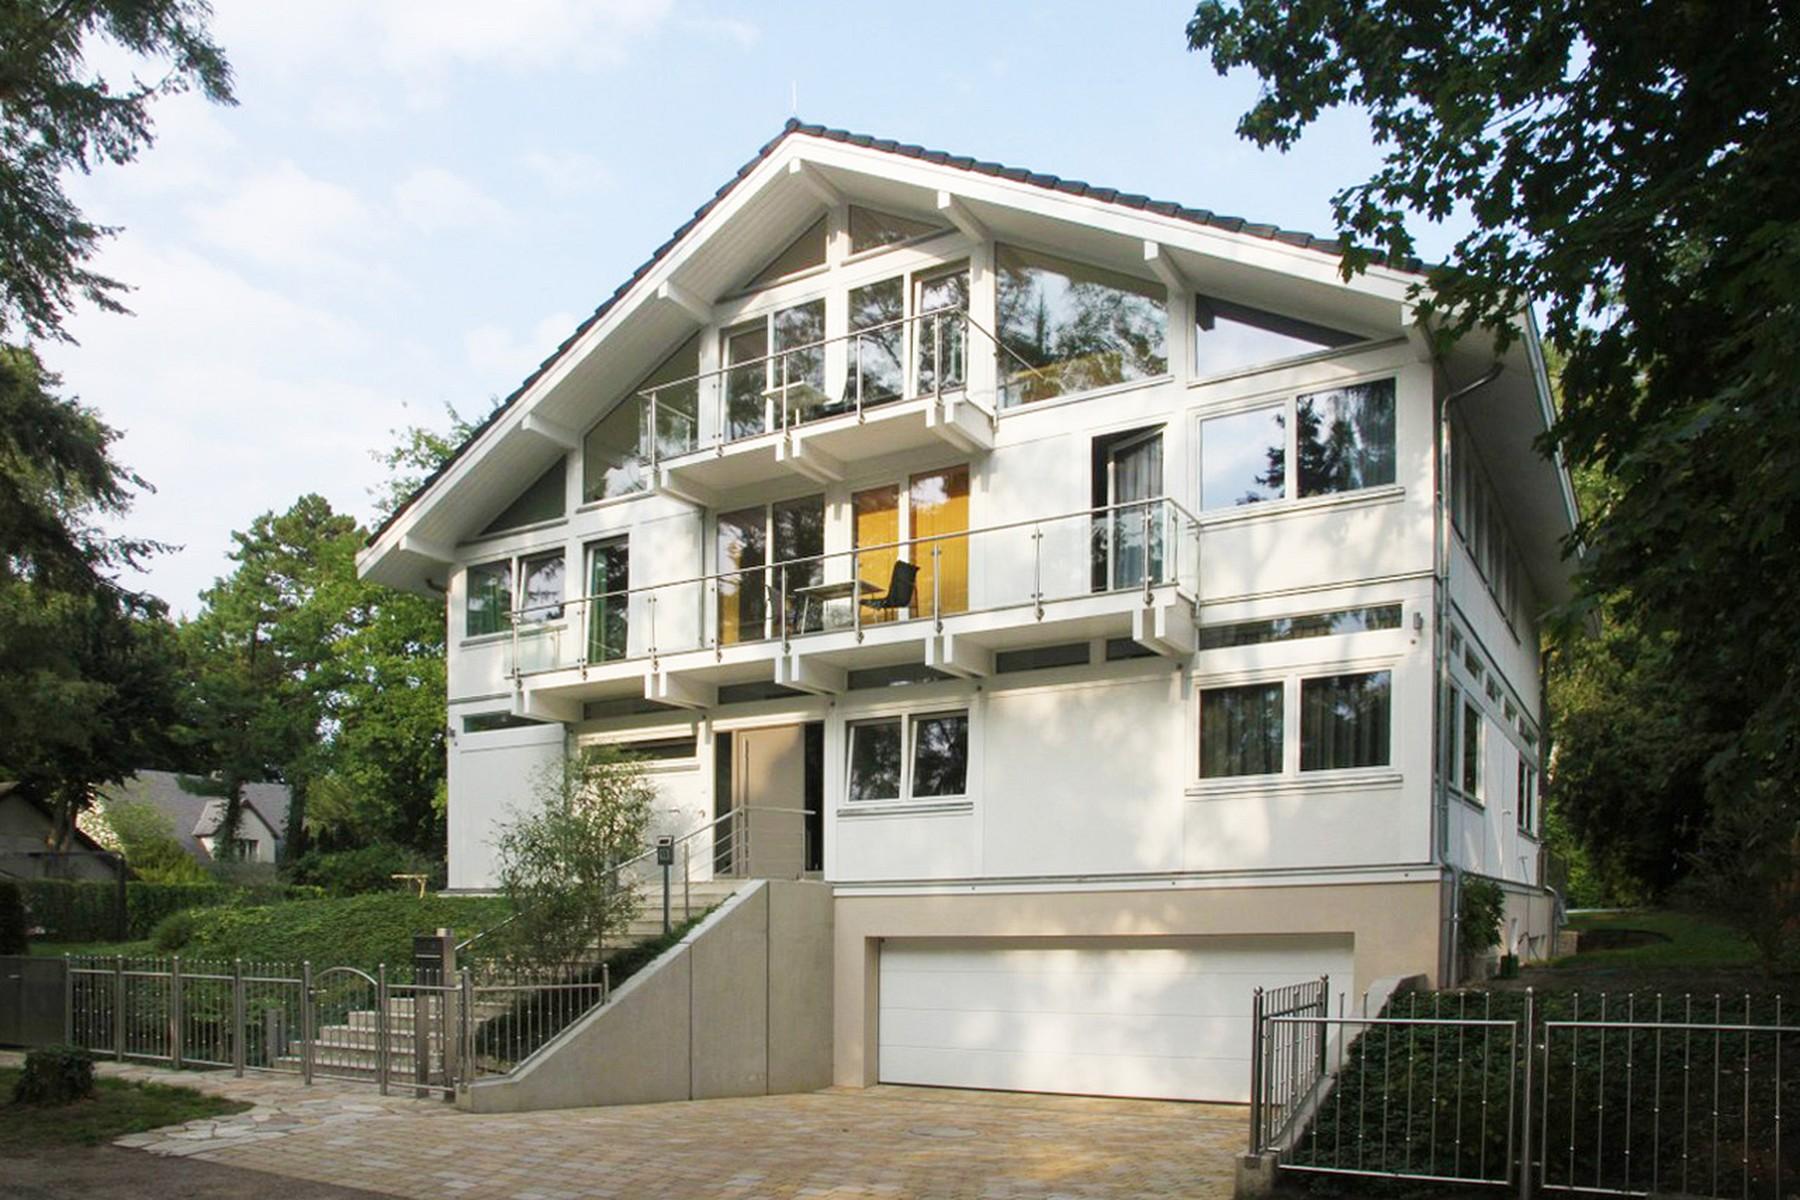 Musterhaus ch153 concentus moderne fachwerkh user for Fachwerkhaus modern